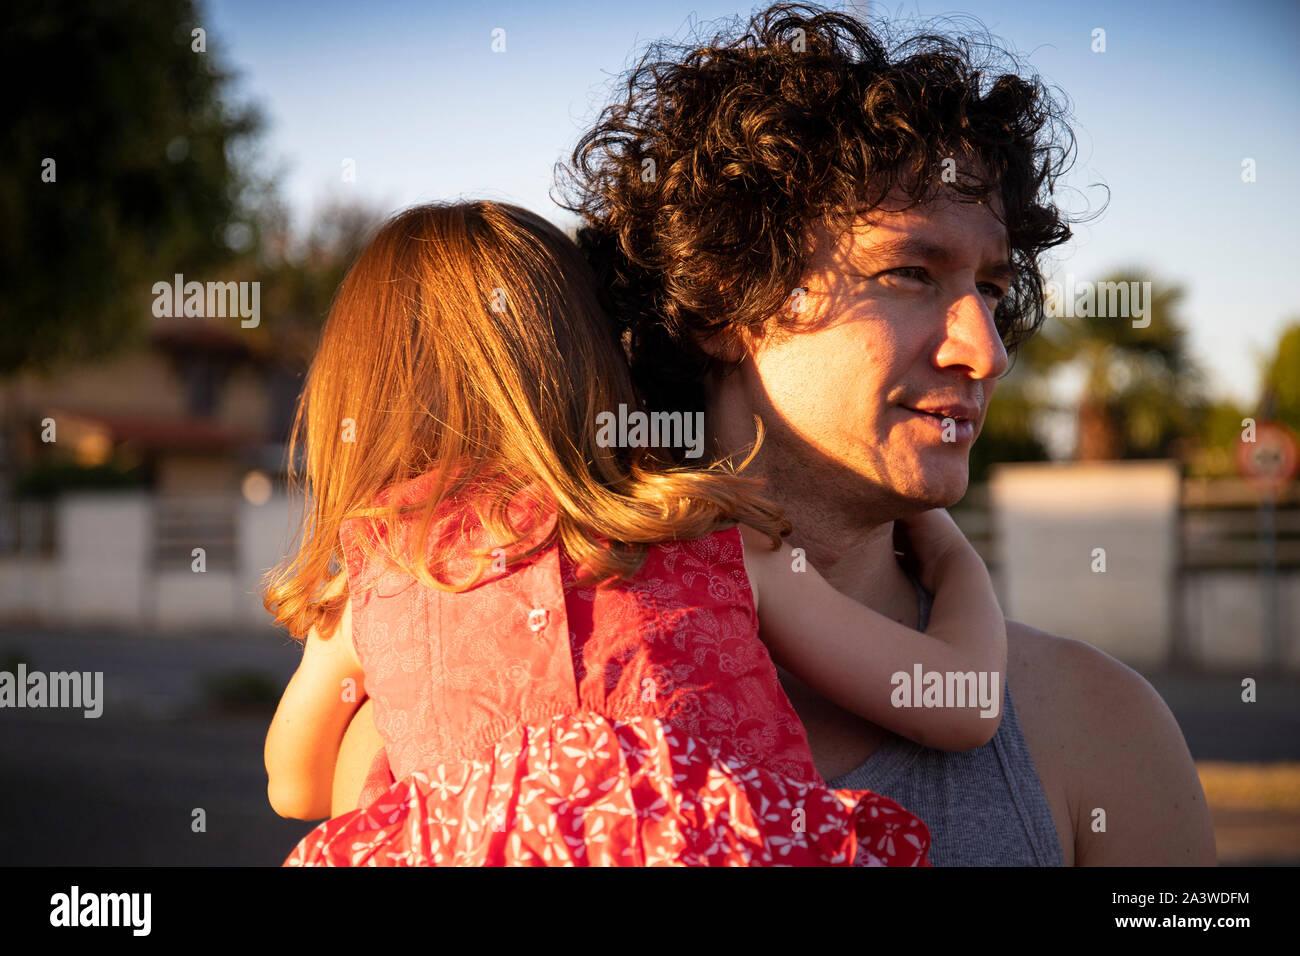 Jeune père tenant sa petite fille piscine au coucher du soleil. L'homme est à la recherche, tandis que l'enfant est vue de dos portant une robe rouge. Banque D'Images